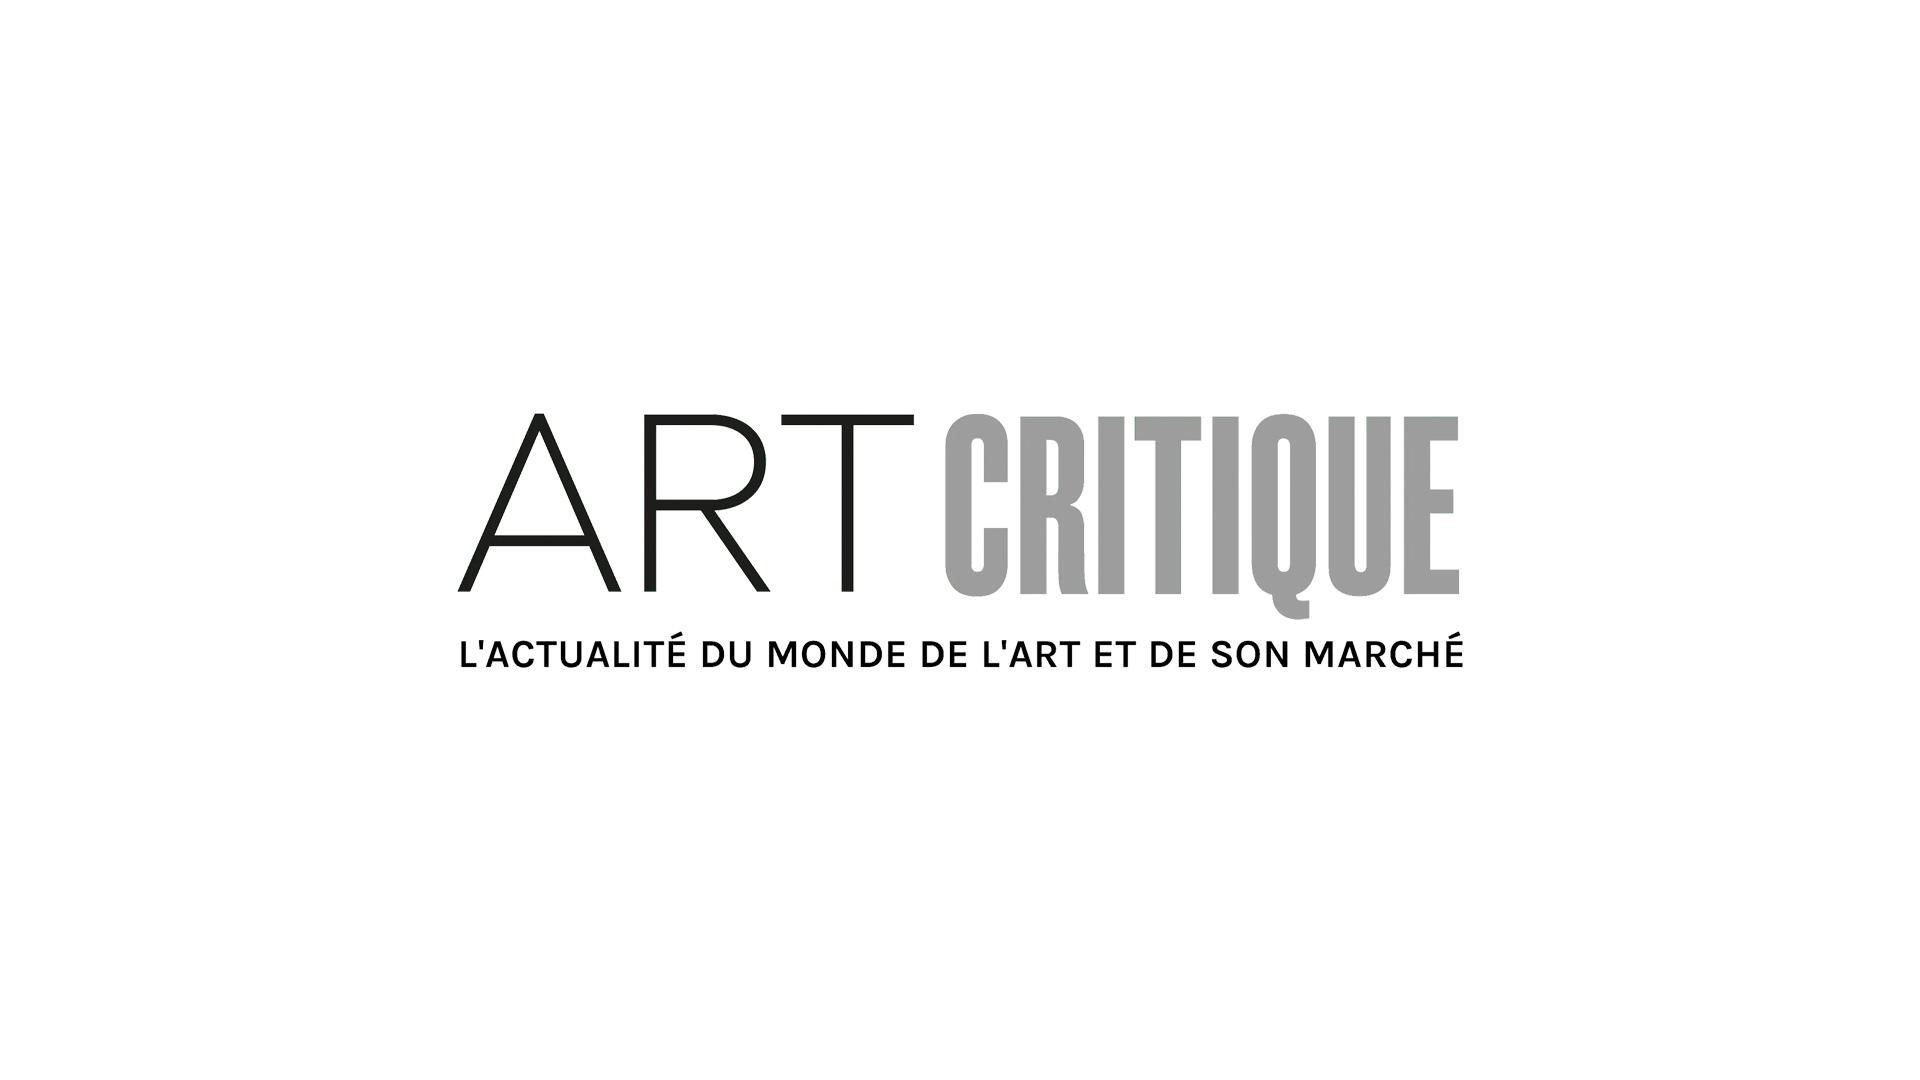 On revit le Montmartre de la fin du 19e siècle